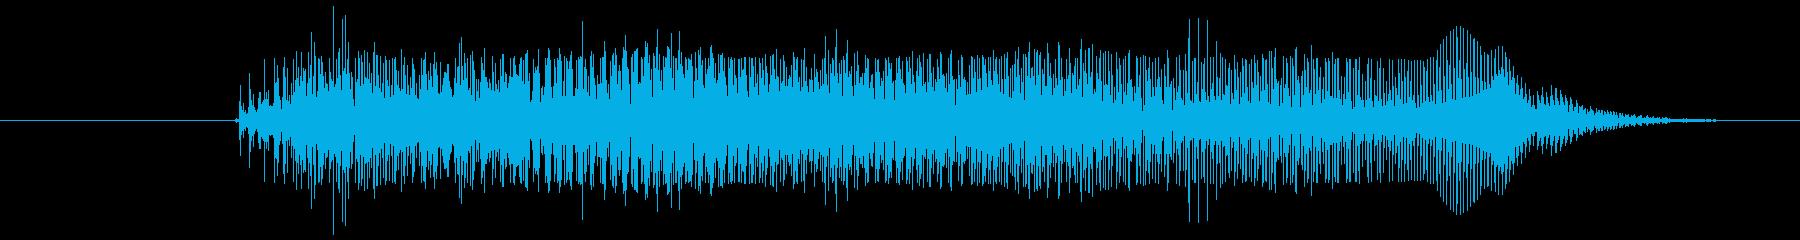 鳴き声 リトルガールクライアー03の再生済みの波形